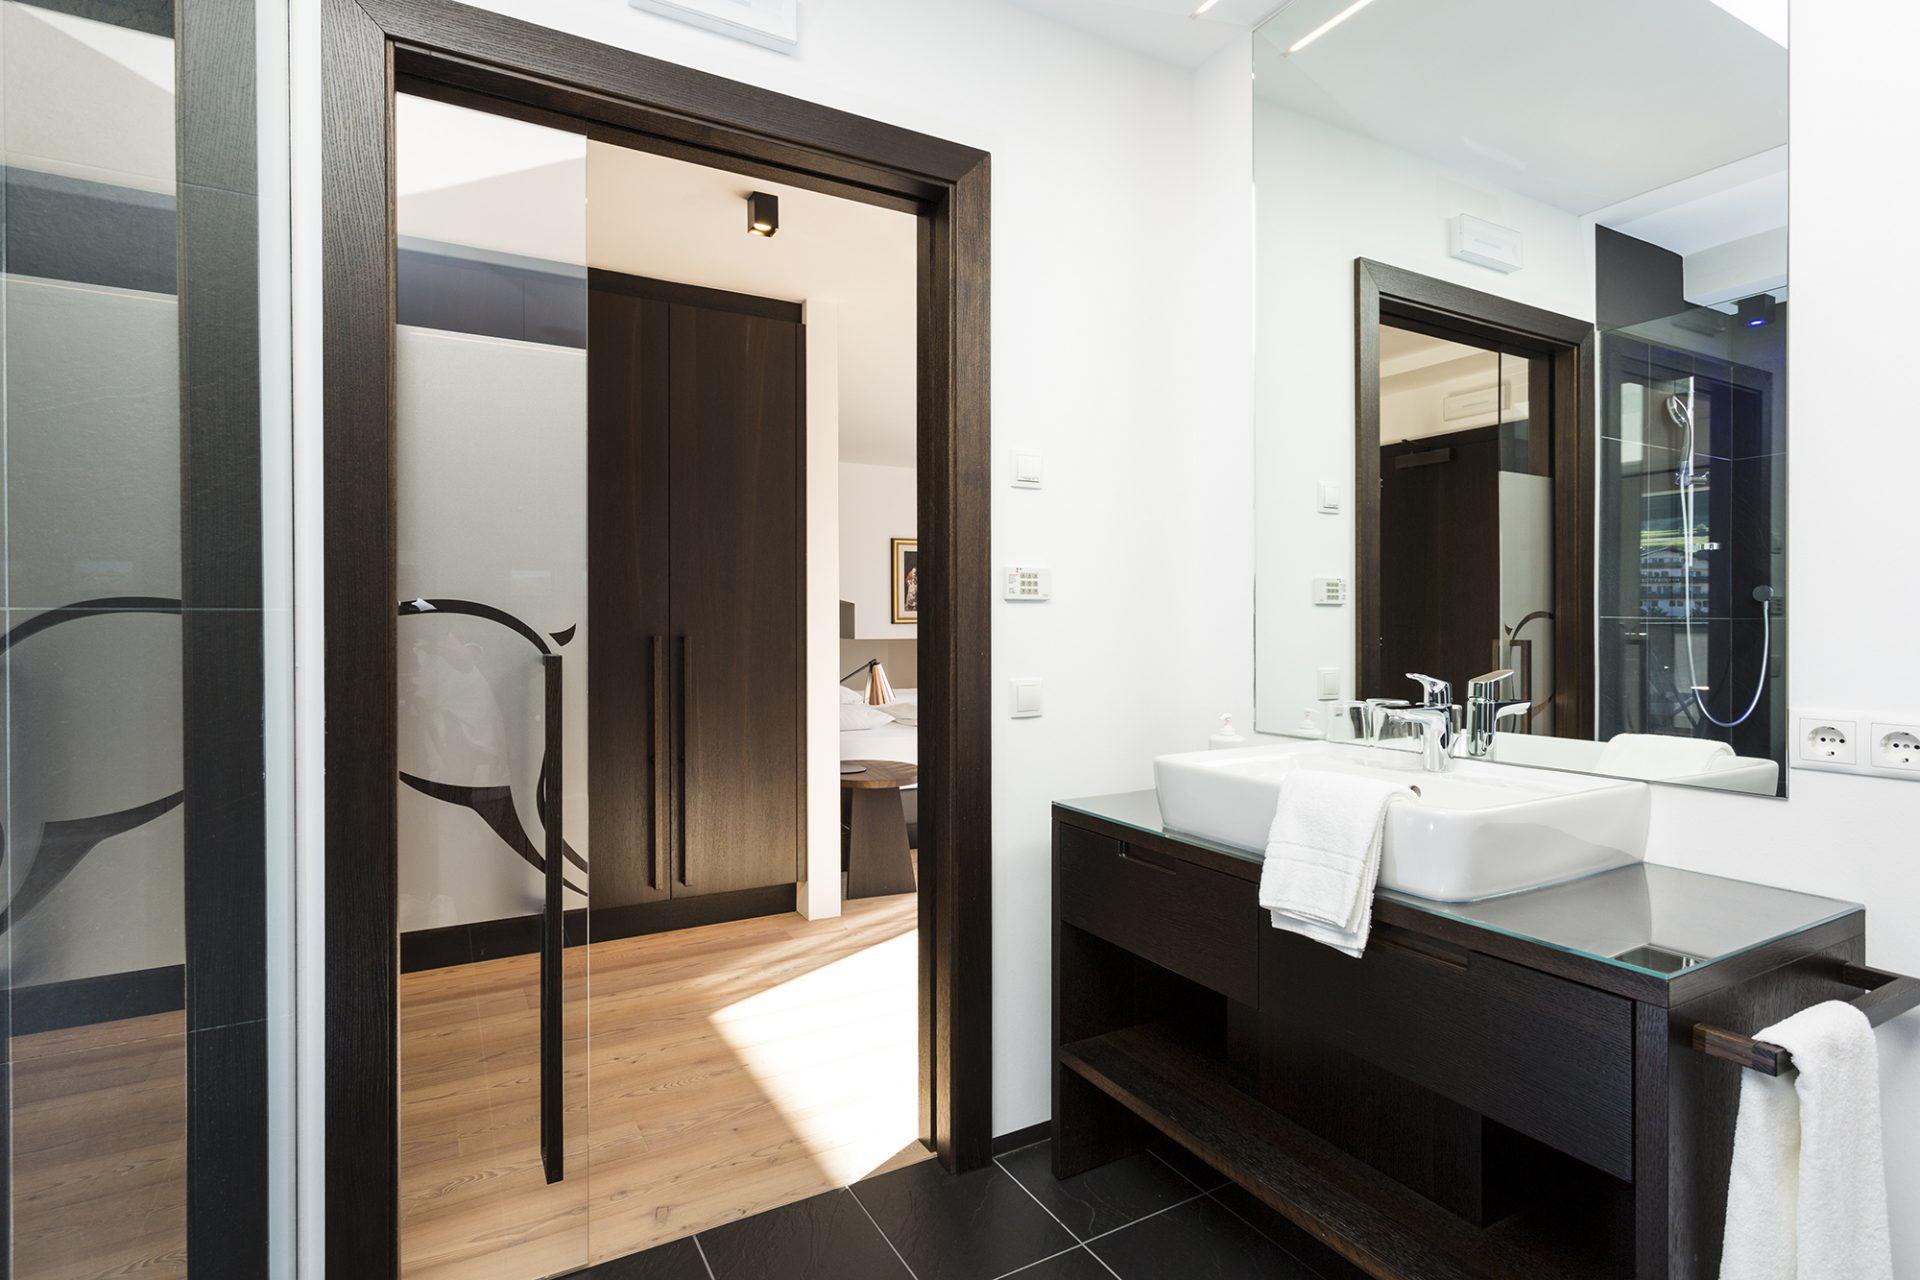 mayr-superior room-bathroom-washbasin